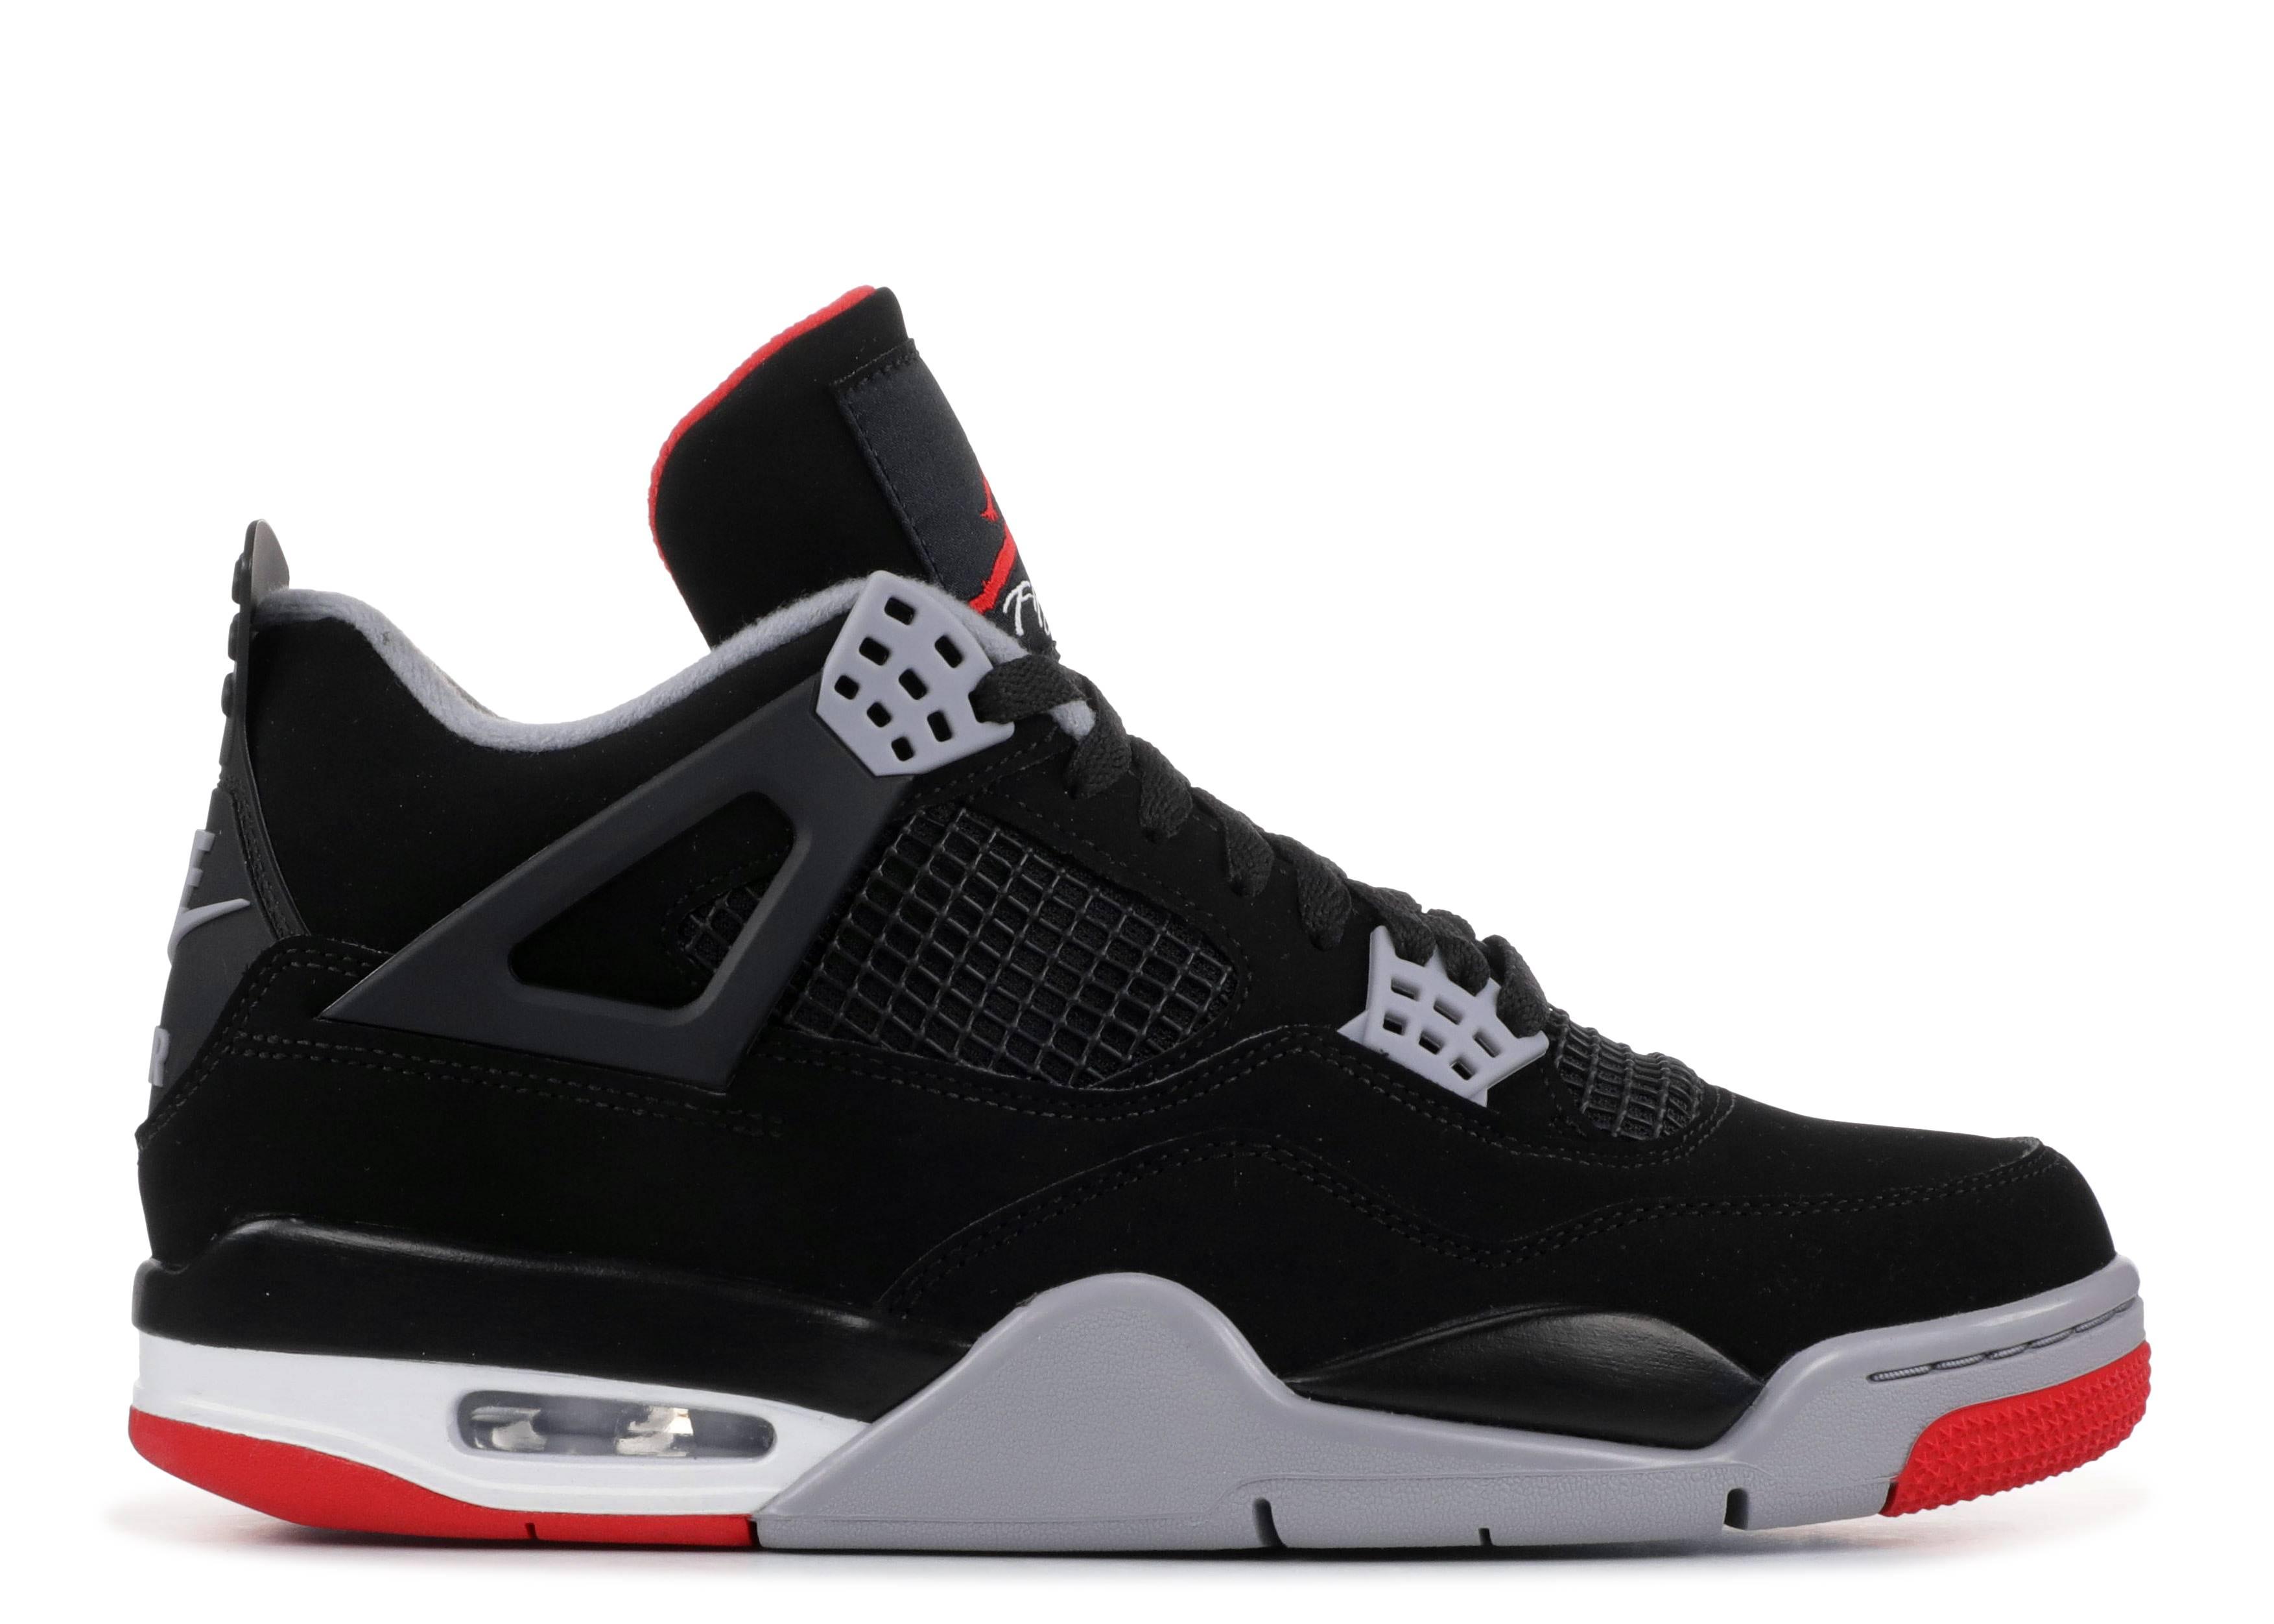 caa34a6b01f2 Air Jordan Shoes for Men   Women - Nike